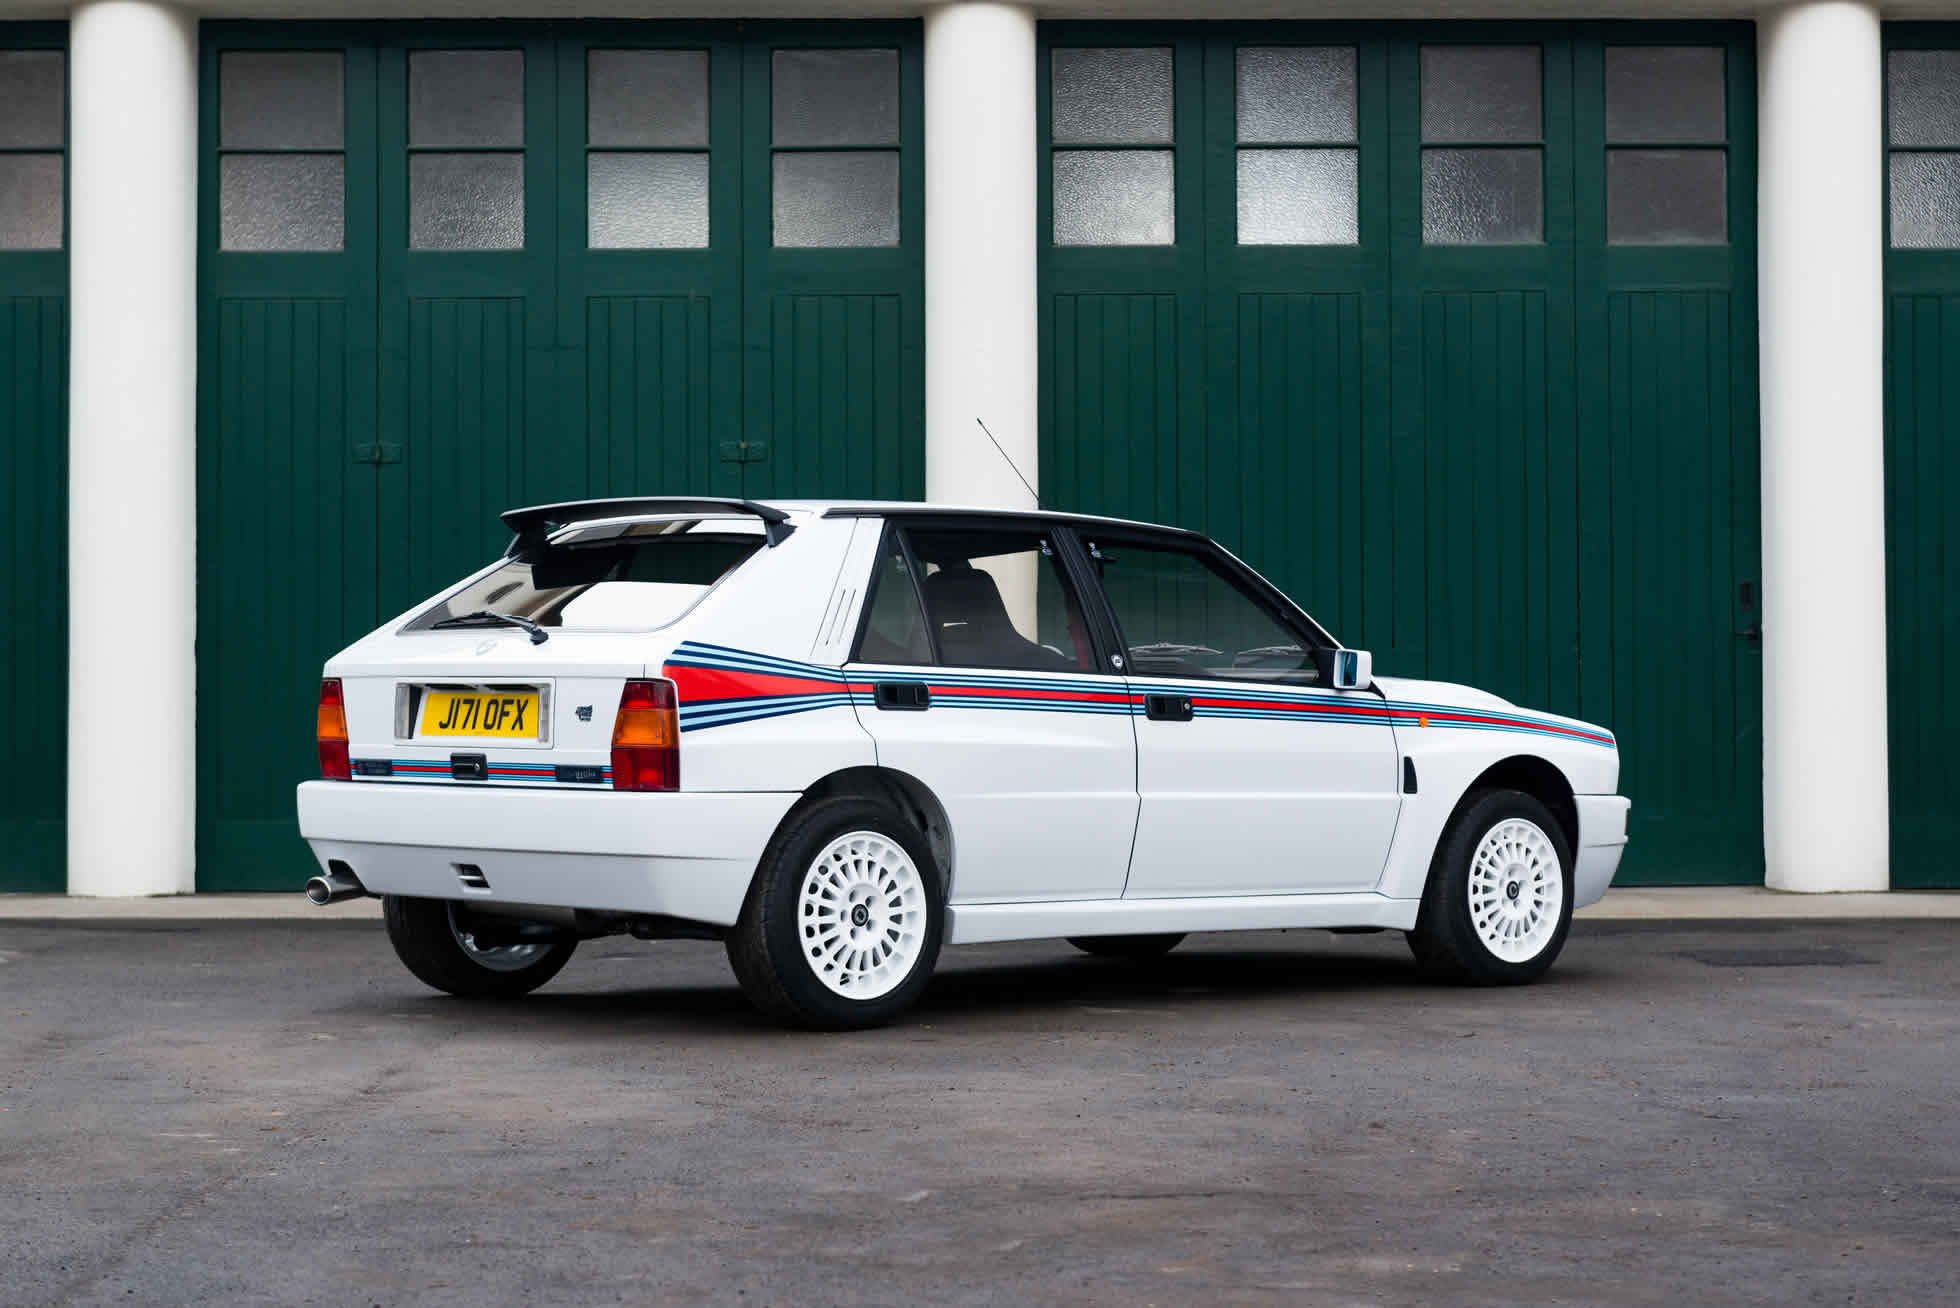 For Sale 1992 Lacia Delta Integrale EVO 'Martini 5' rear view